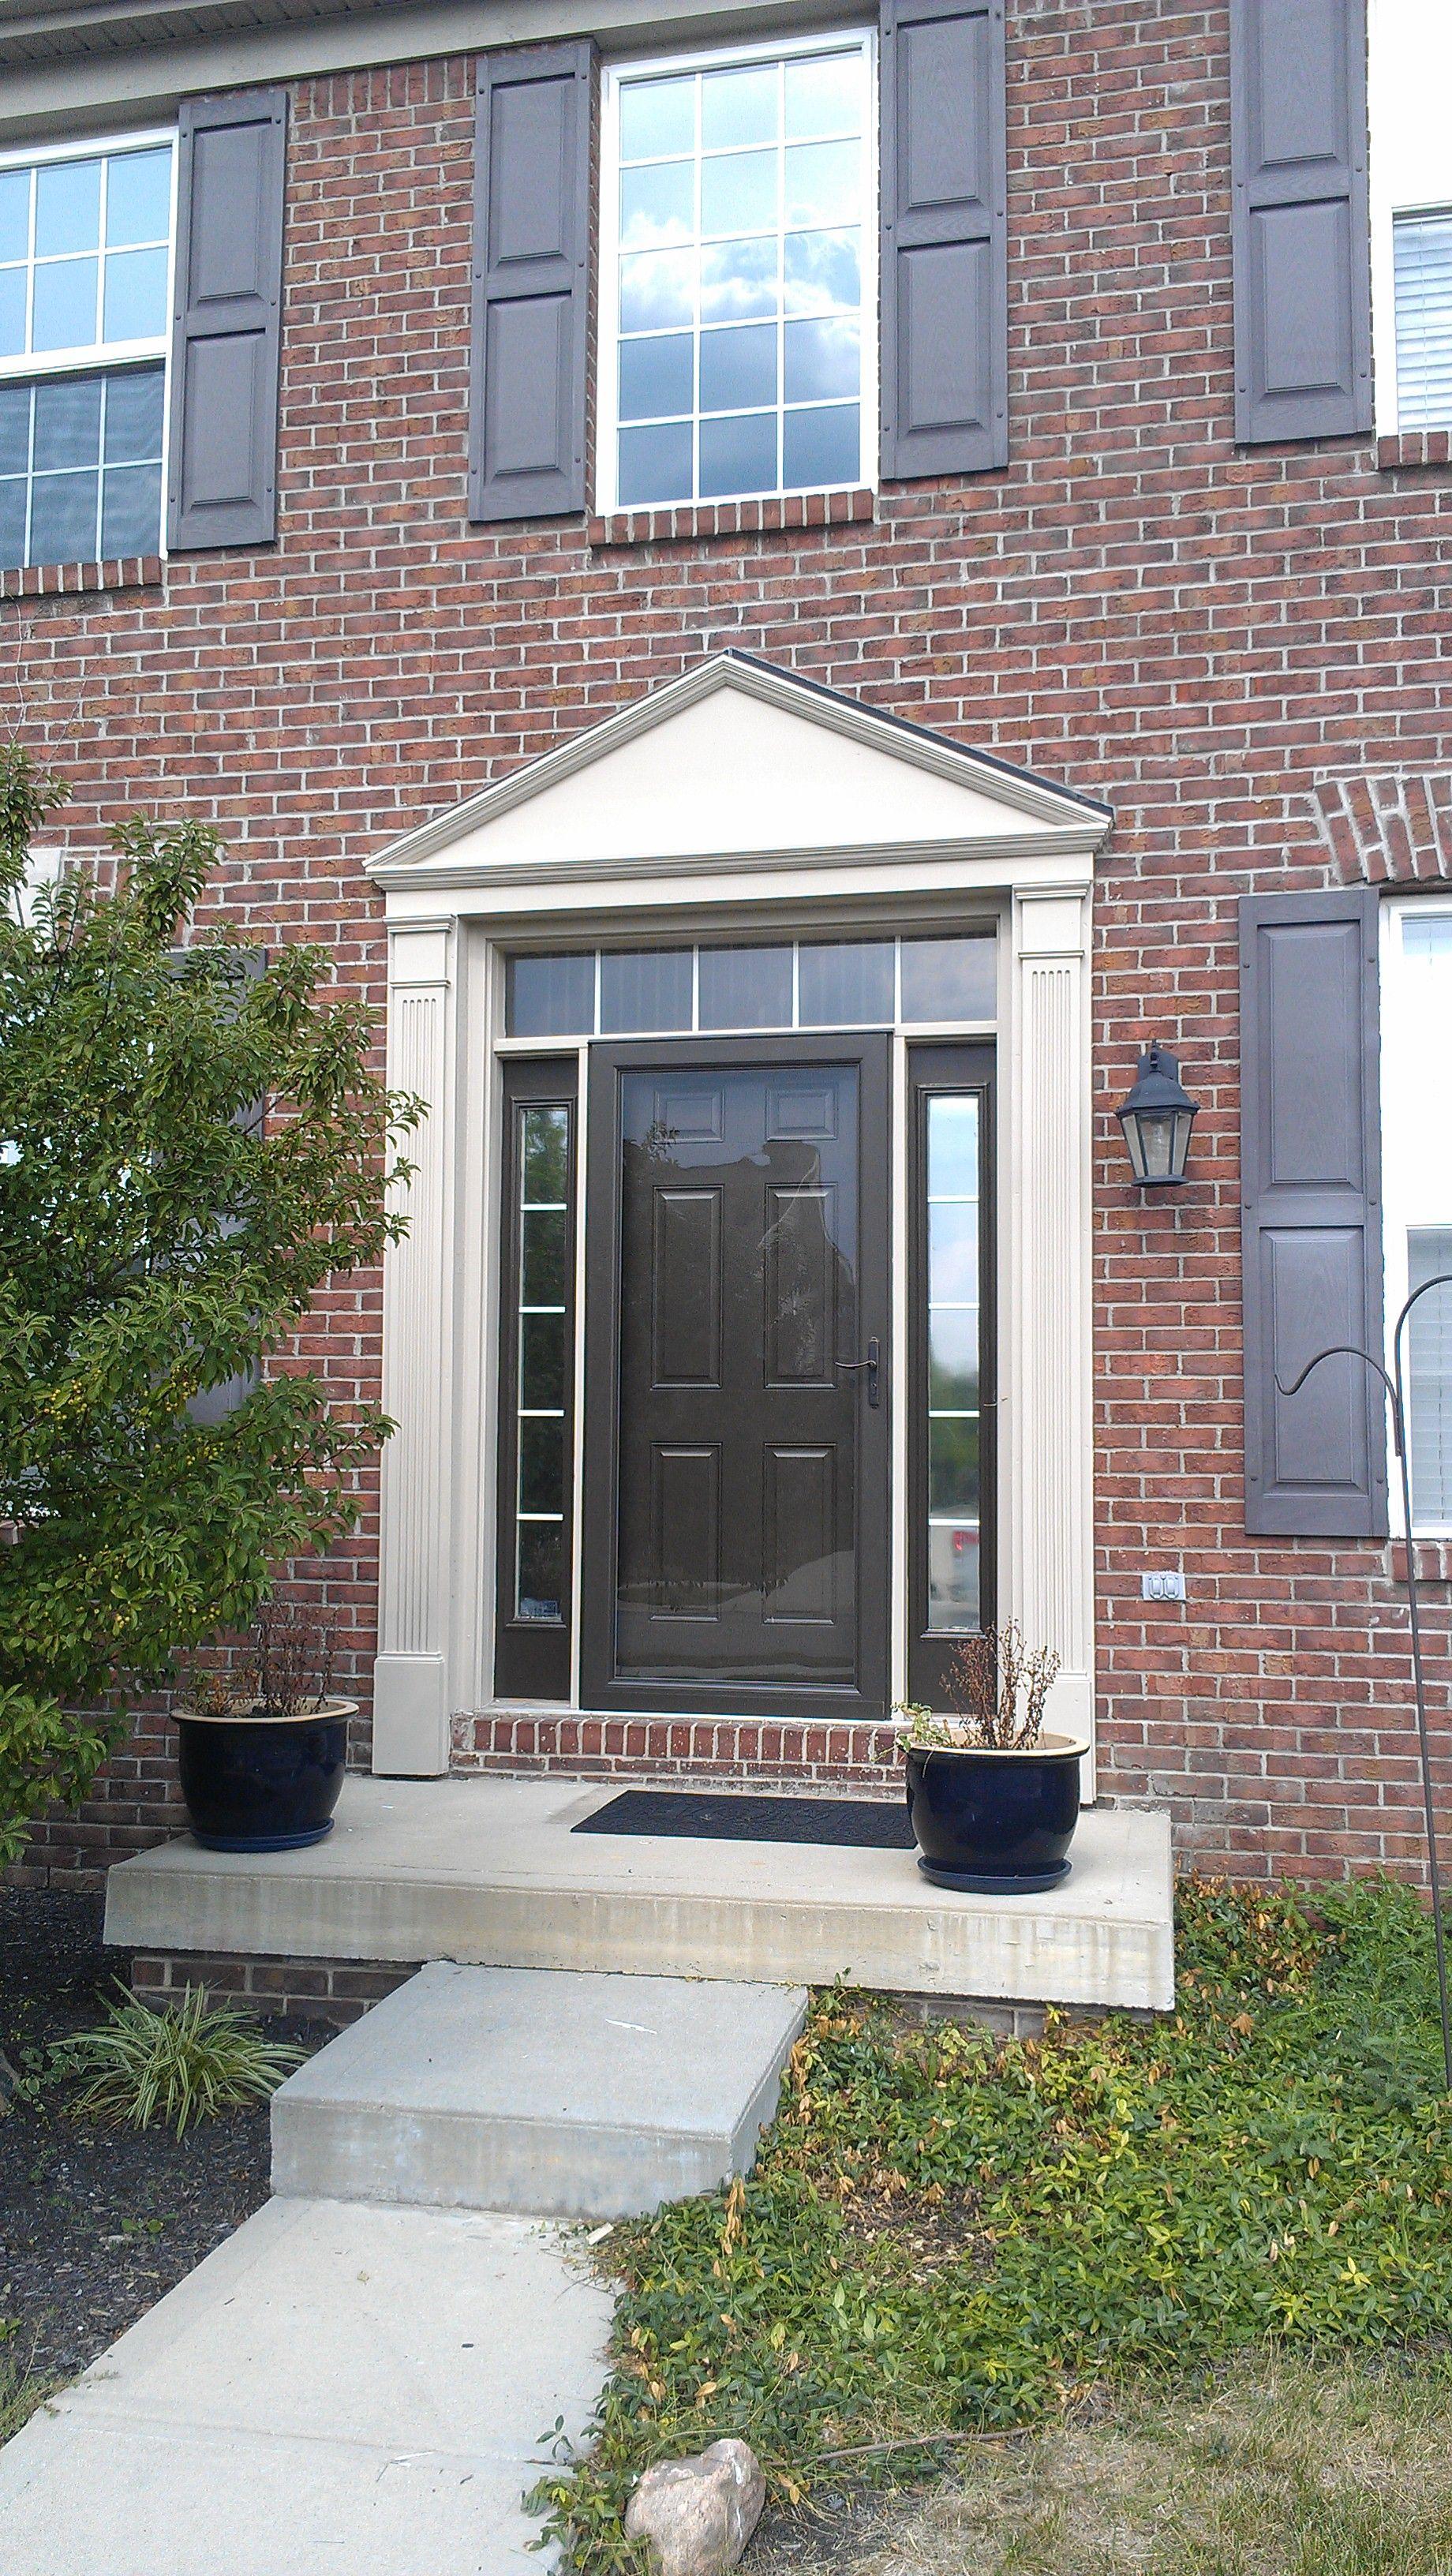 new storm door  doors i have done  Home remodeling